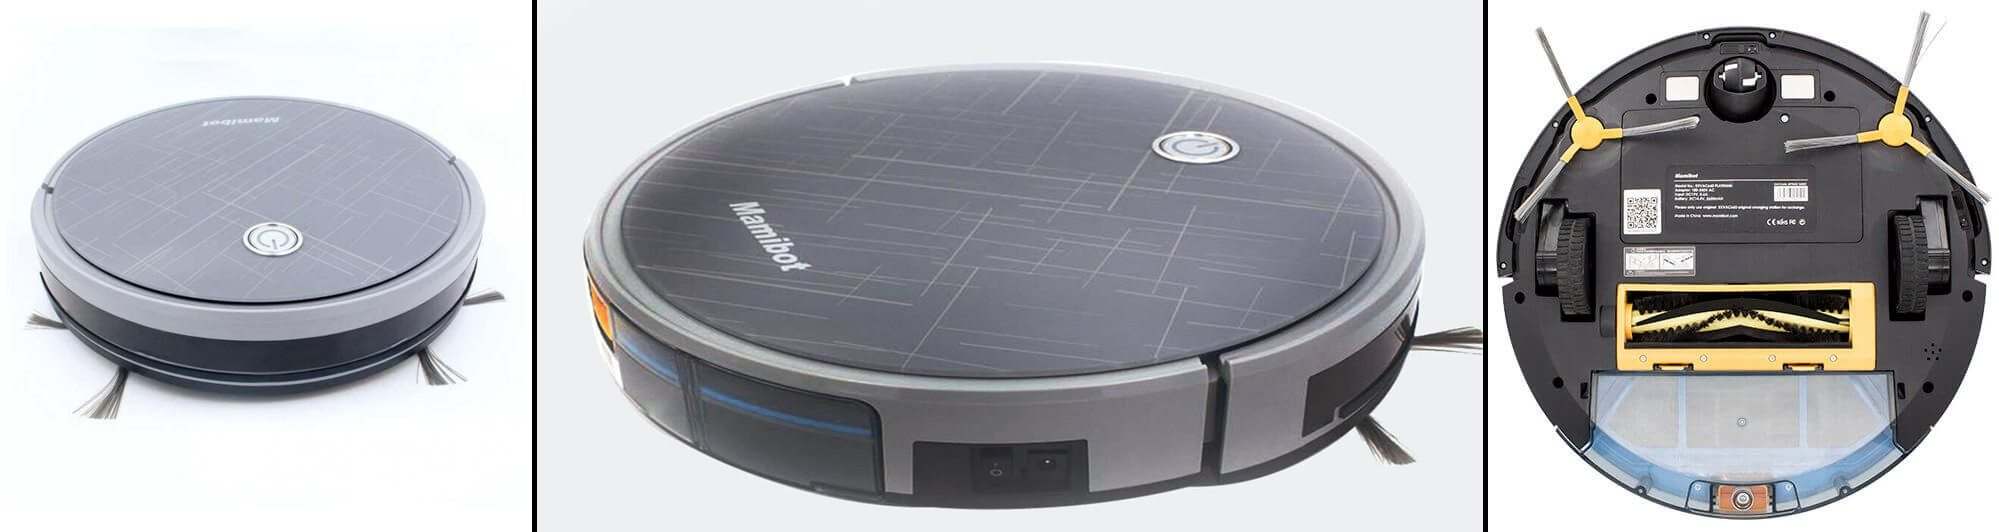 пылесос робот mamibot exvac660